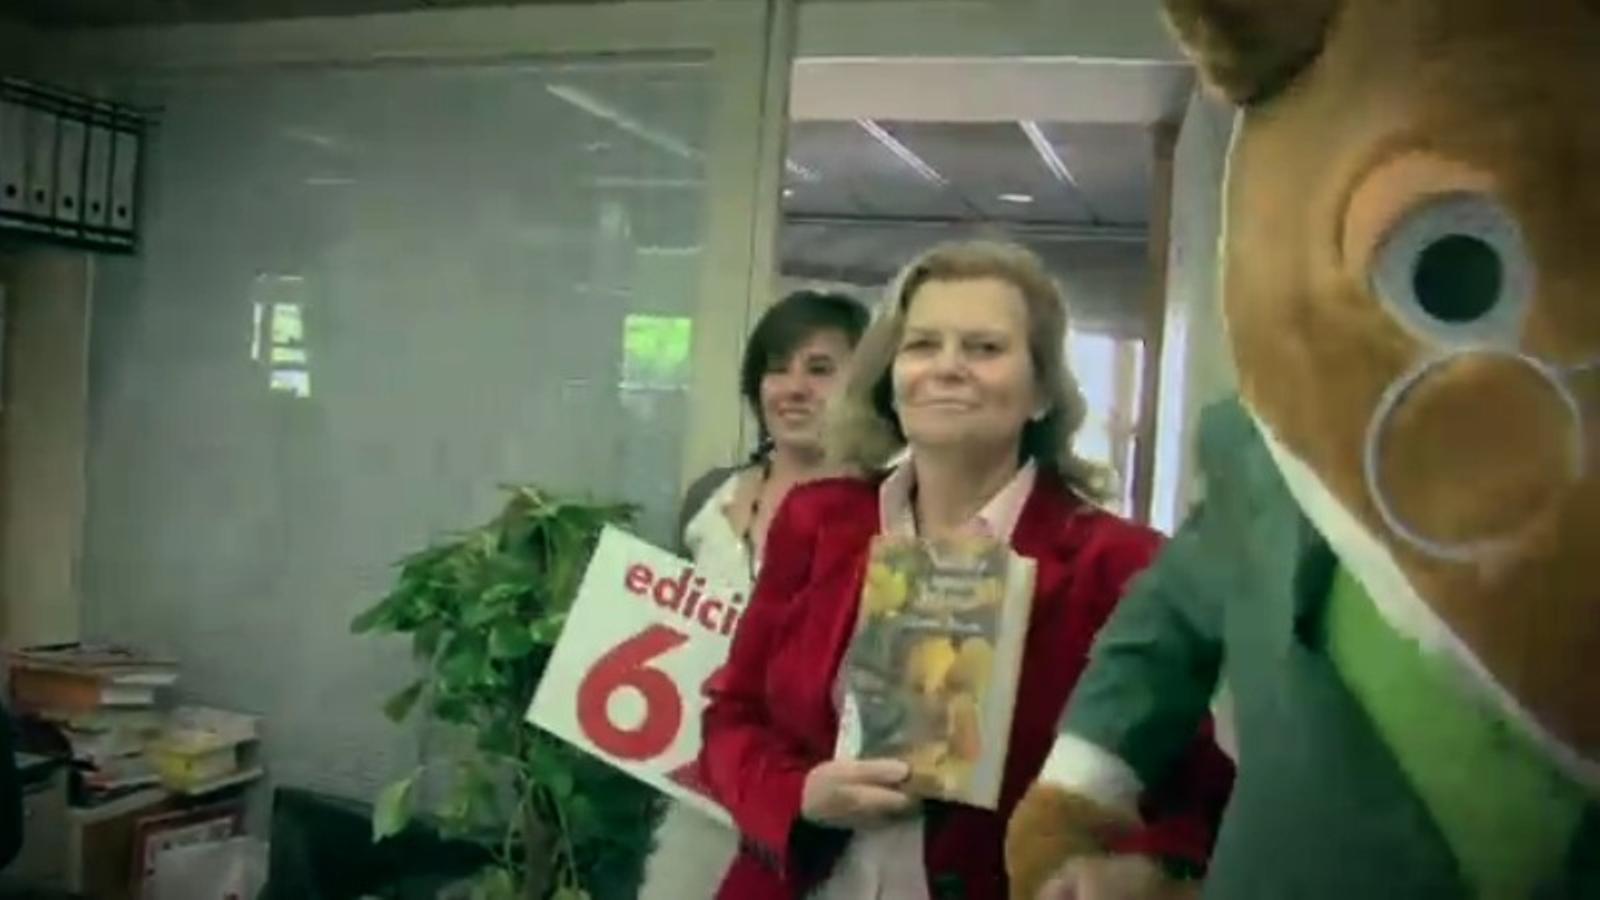 El 'lipdub' que l'equip d'Edicions 62 ha fet per Sant Jordi